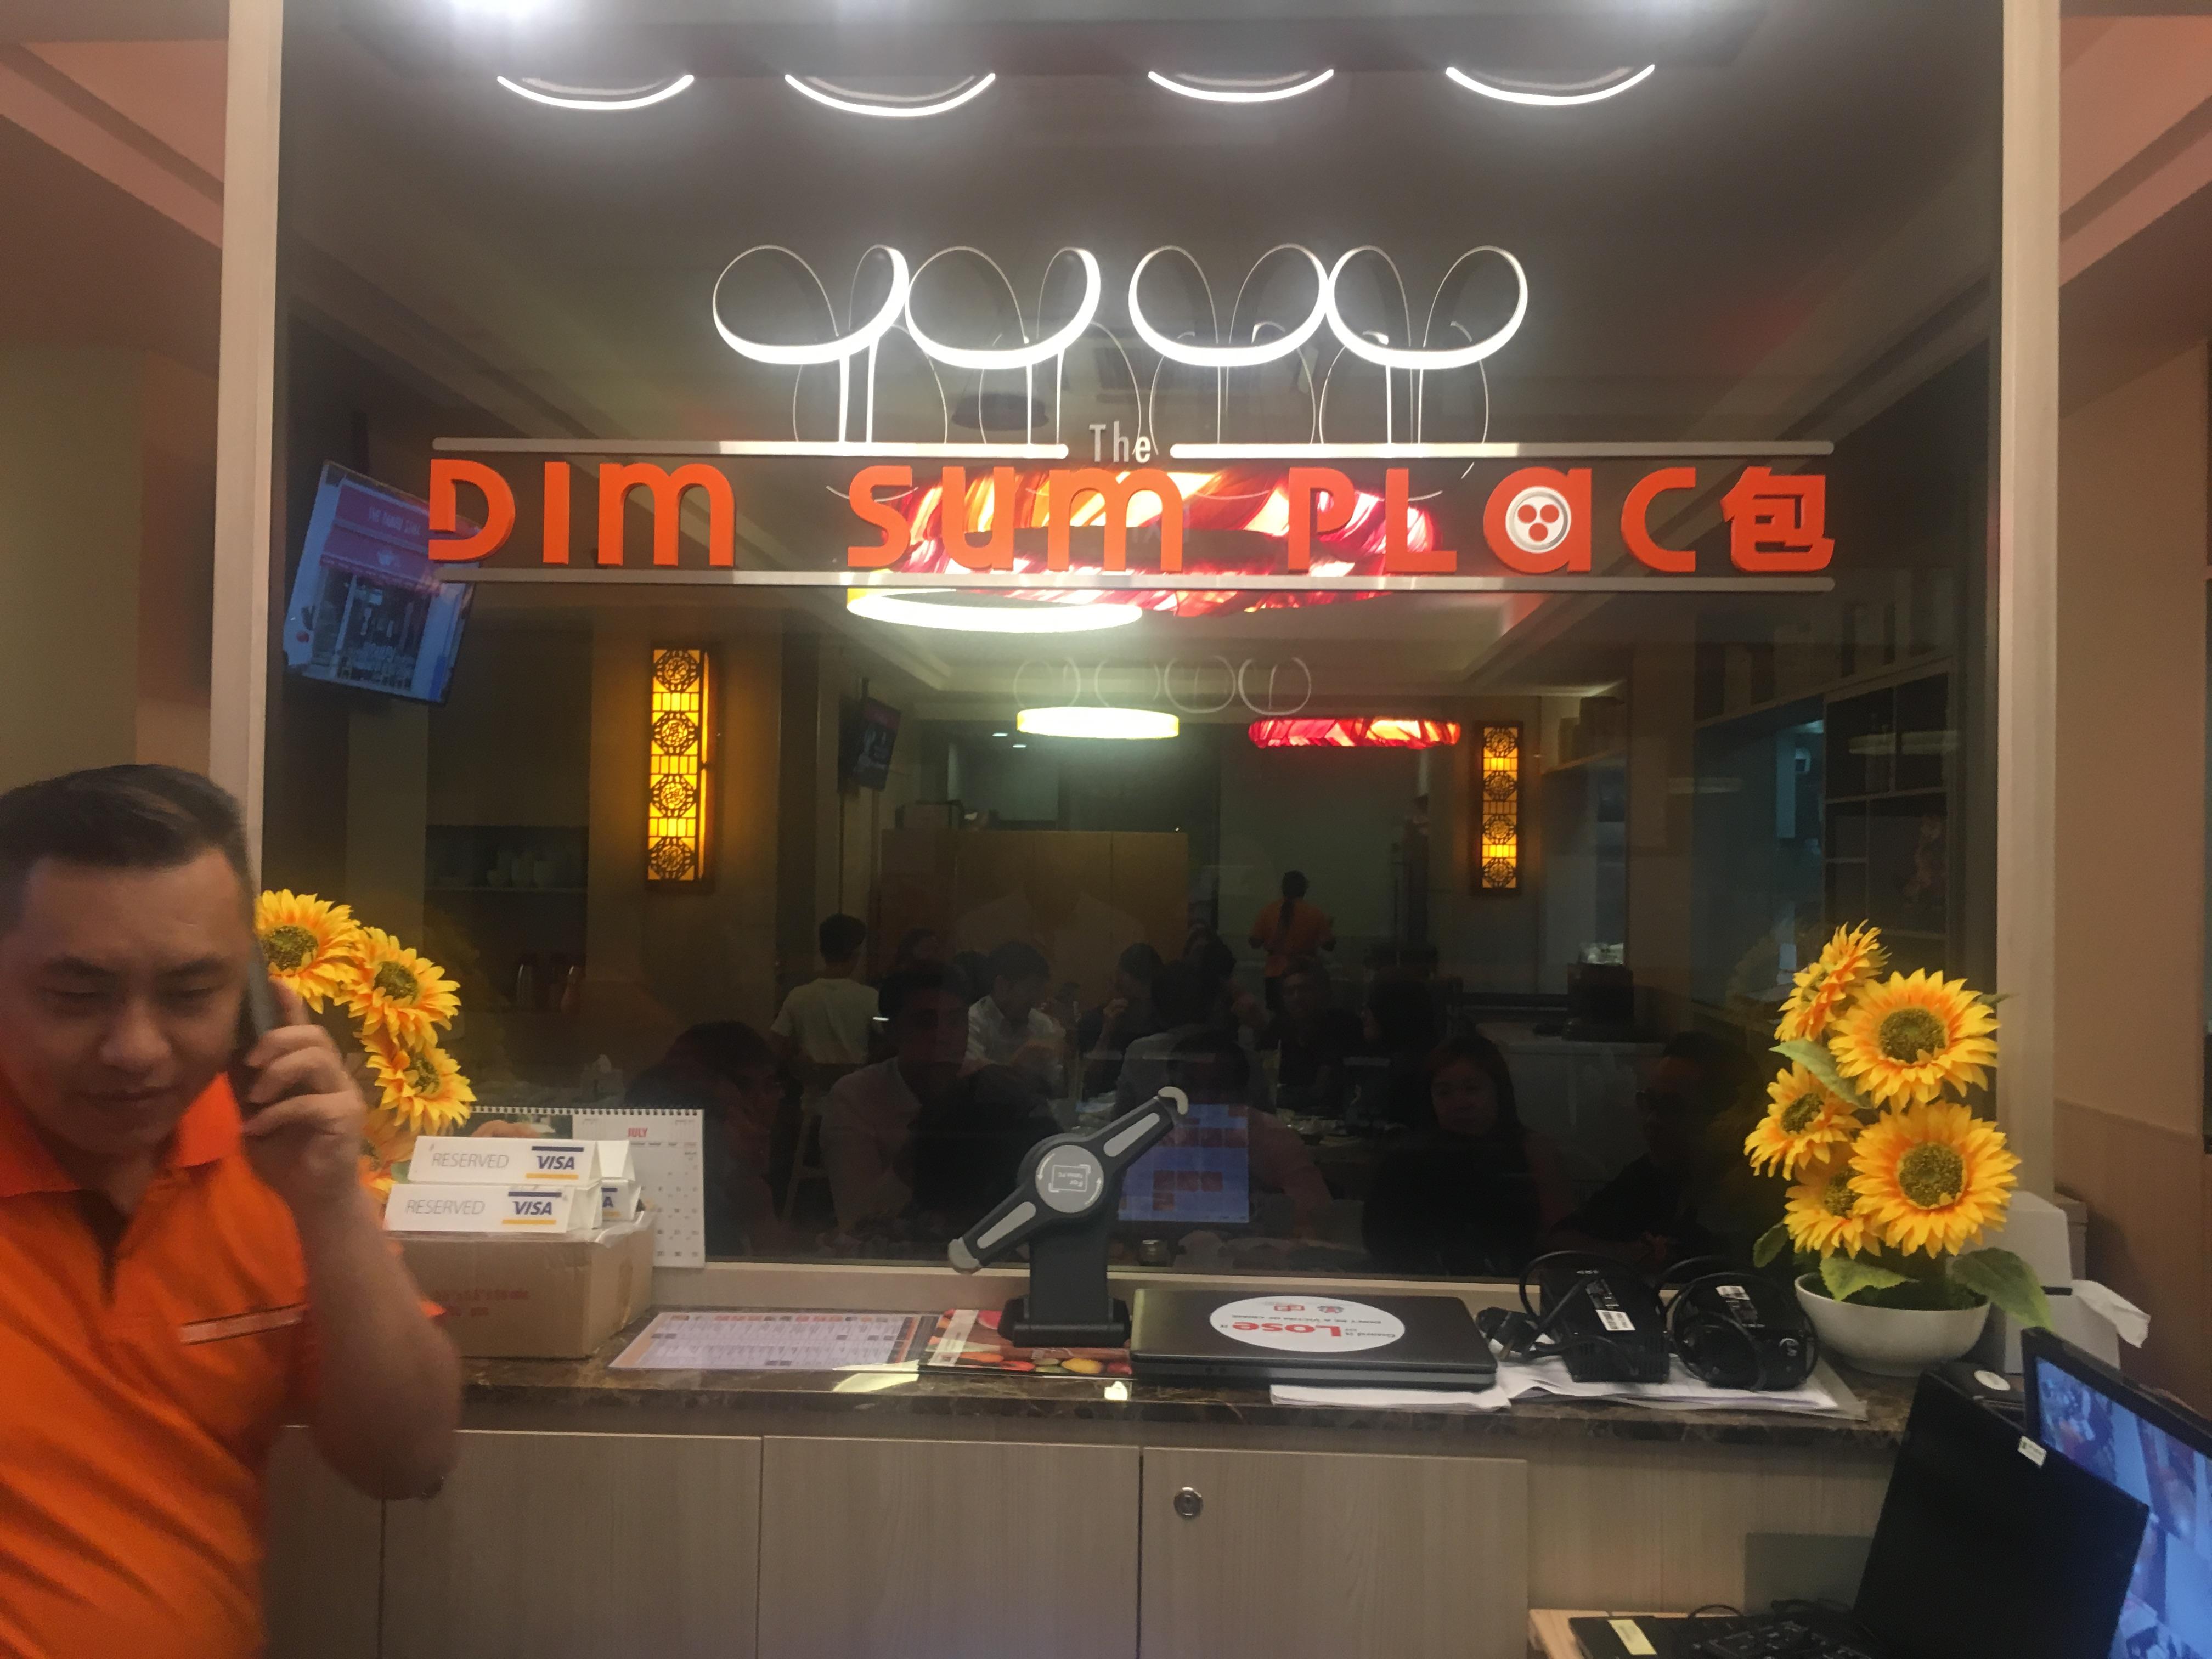 The Dim Sum Place - Entrance